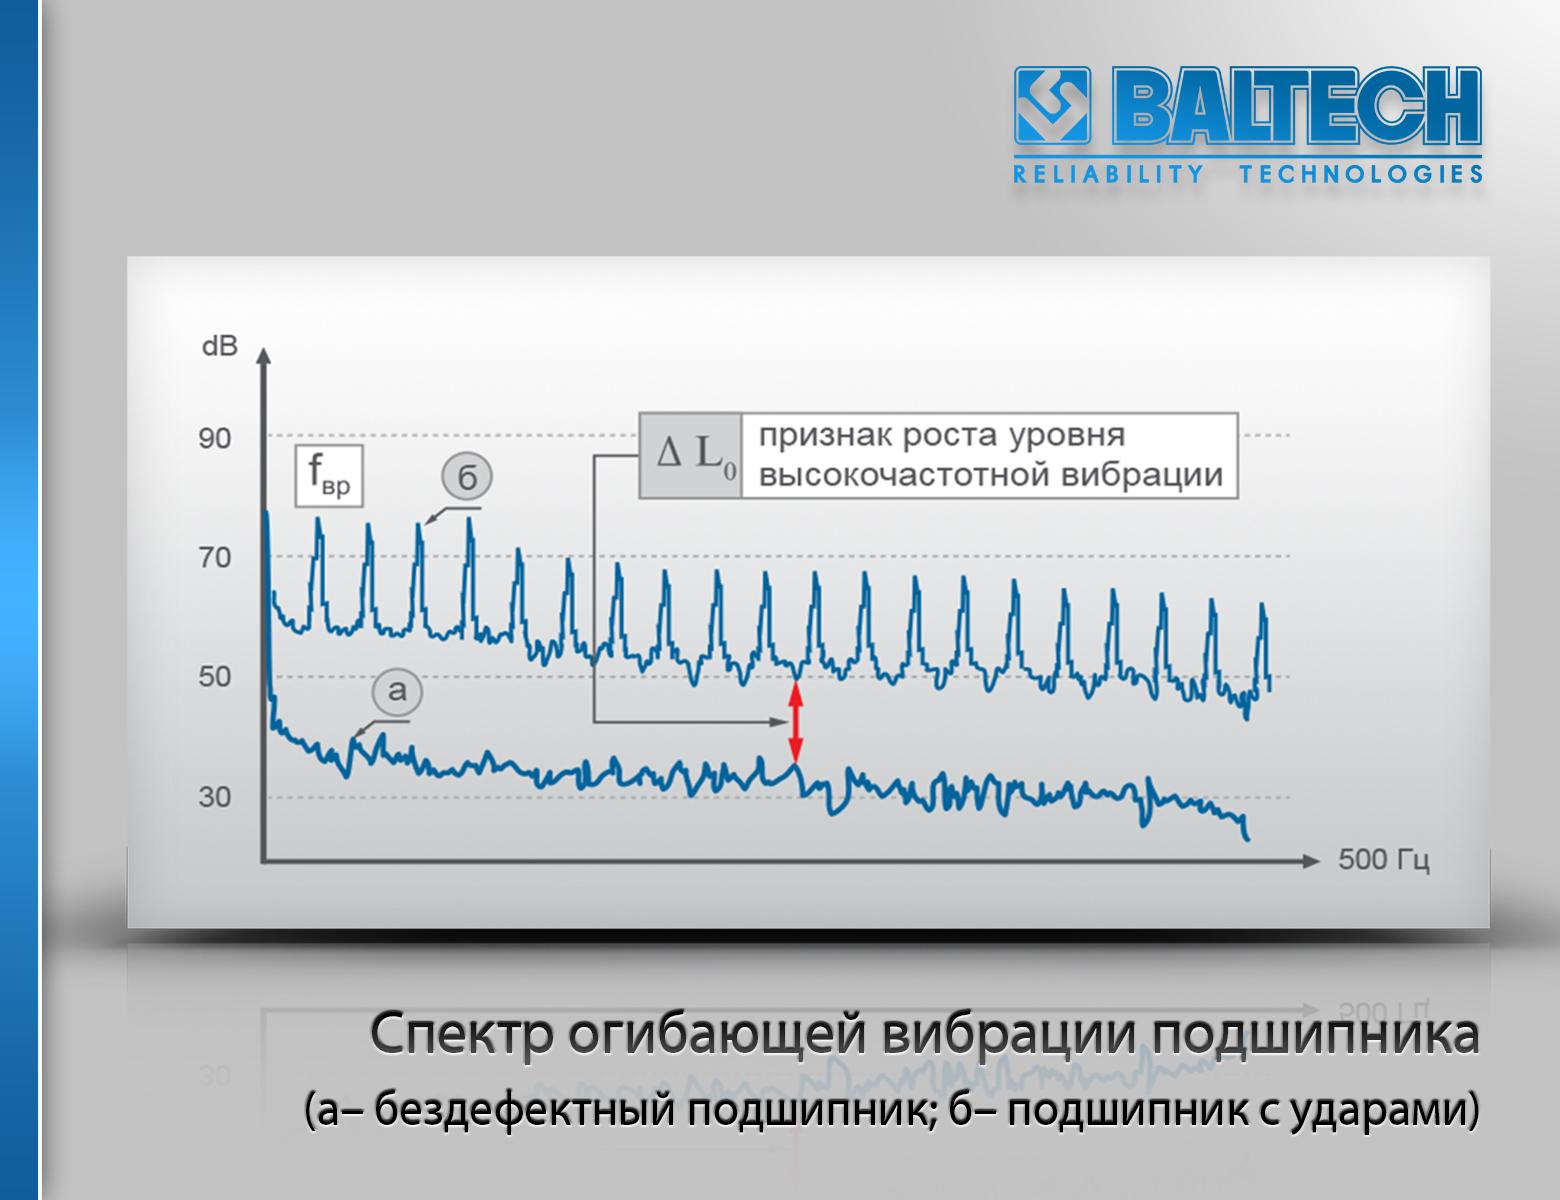 Спектр огибающей вибрации подшипника, диагностика подшипников